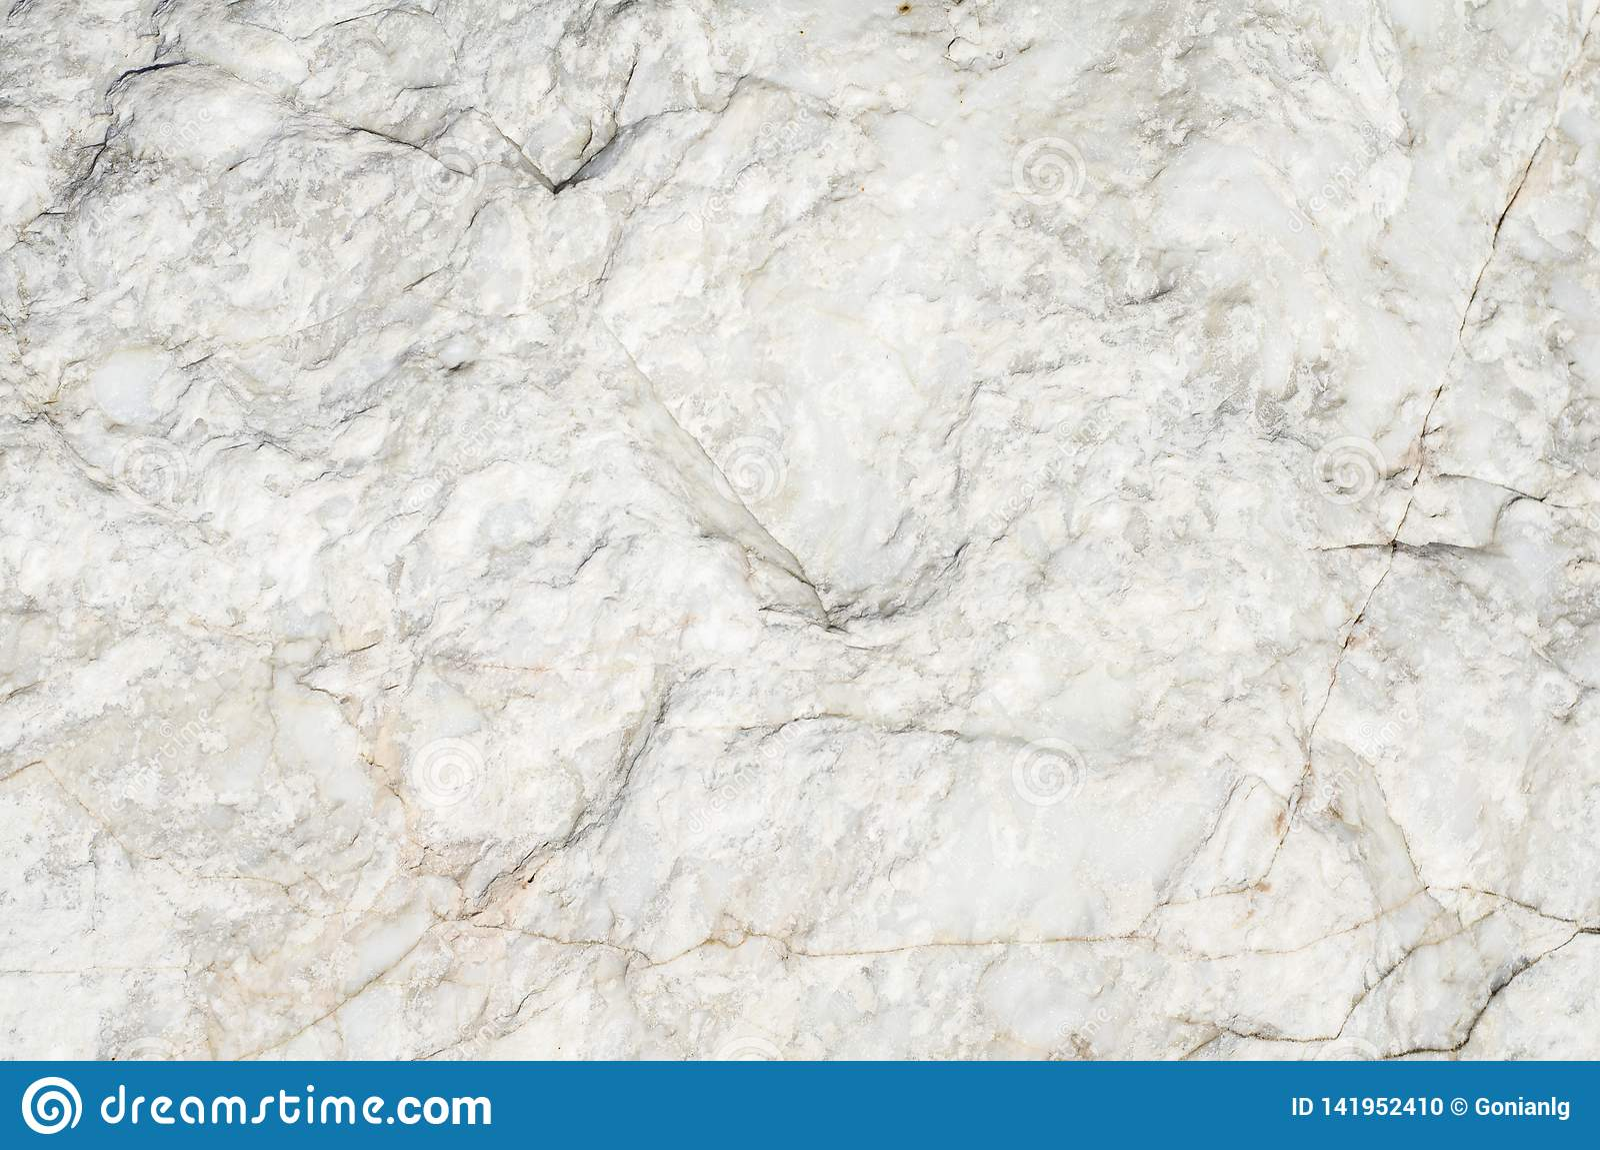 Marmeren textuur abstract patroon als achtergrond met hoge resolutie